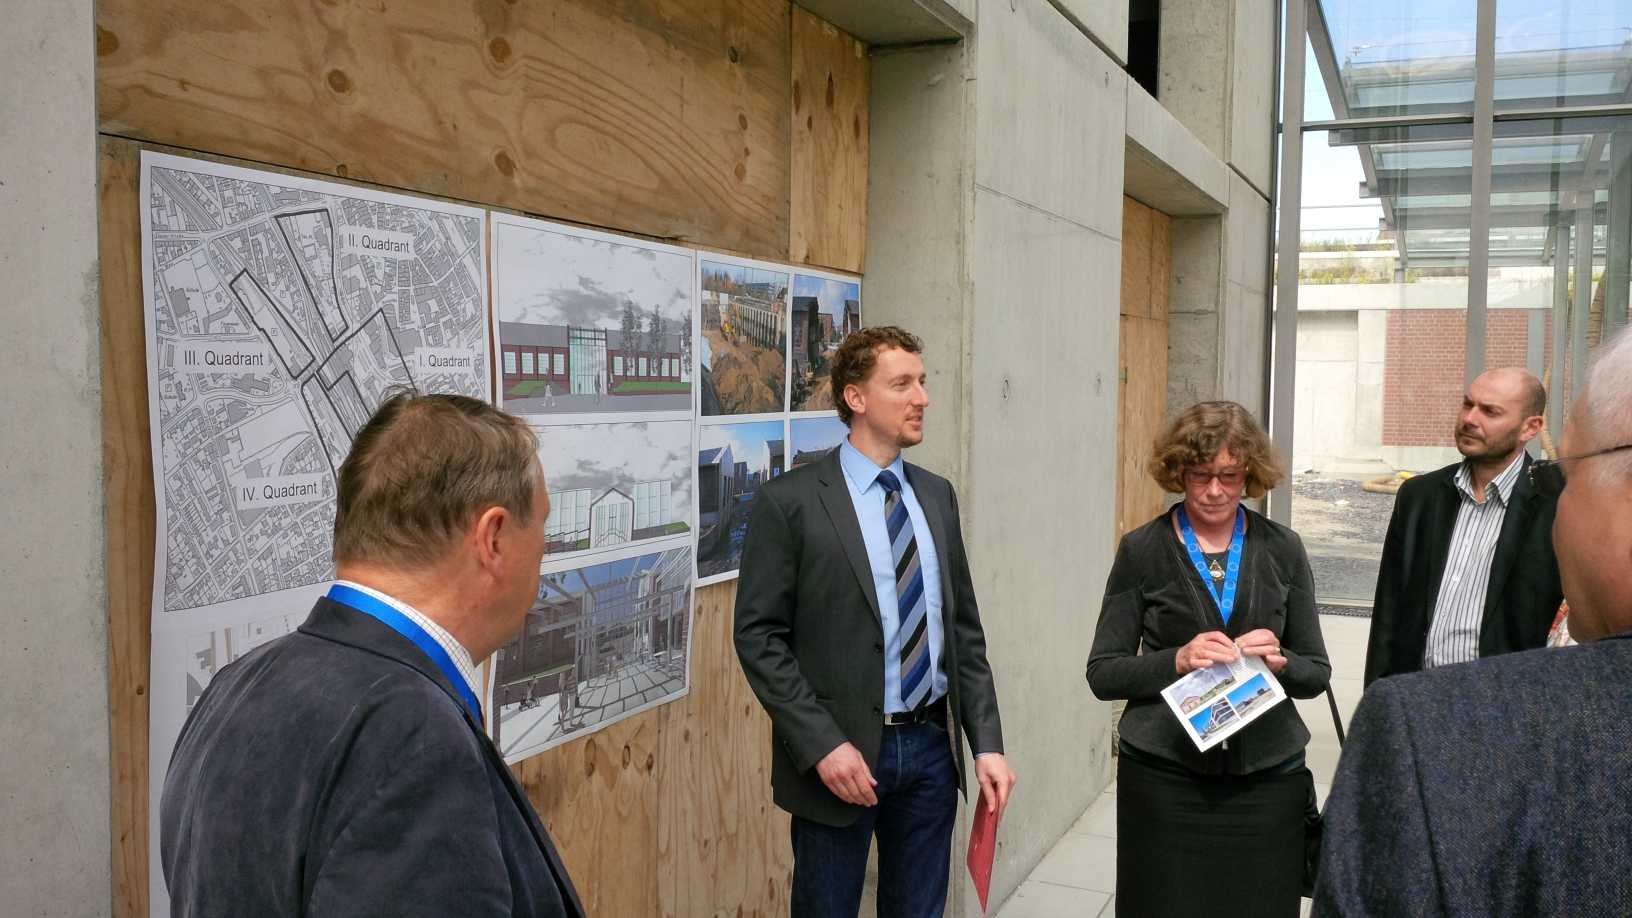 Architekt Rheine klimaschützer unterwegs in rheine und region leben an der ems